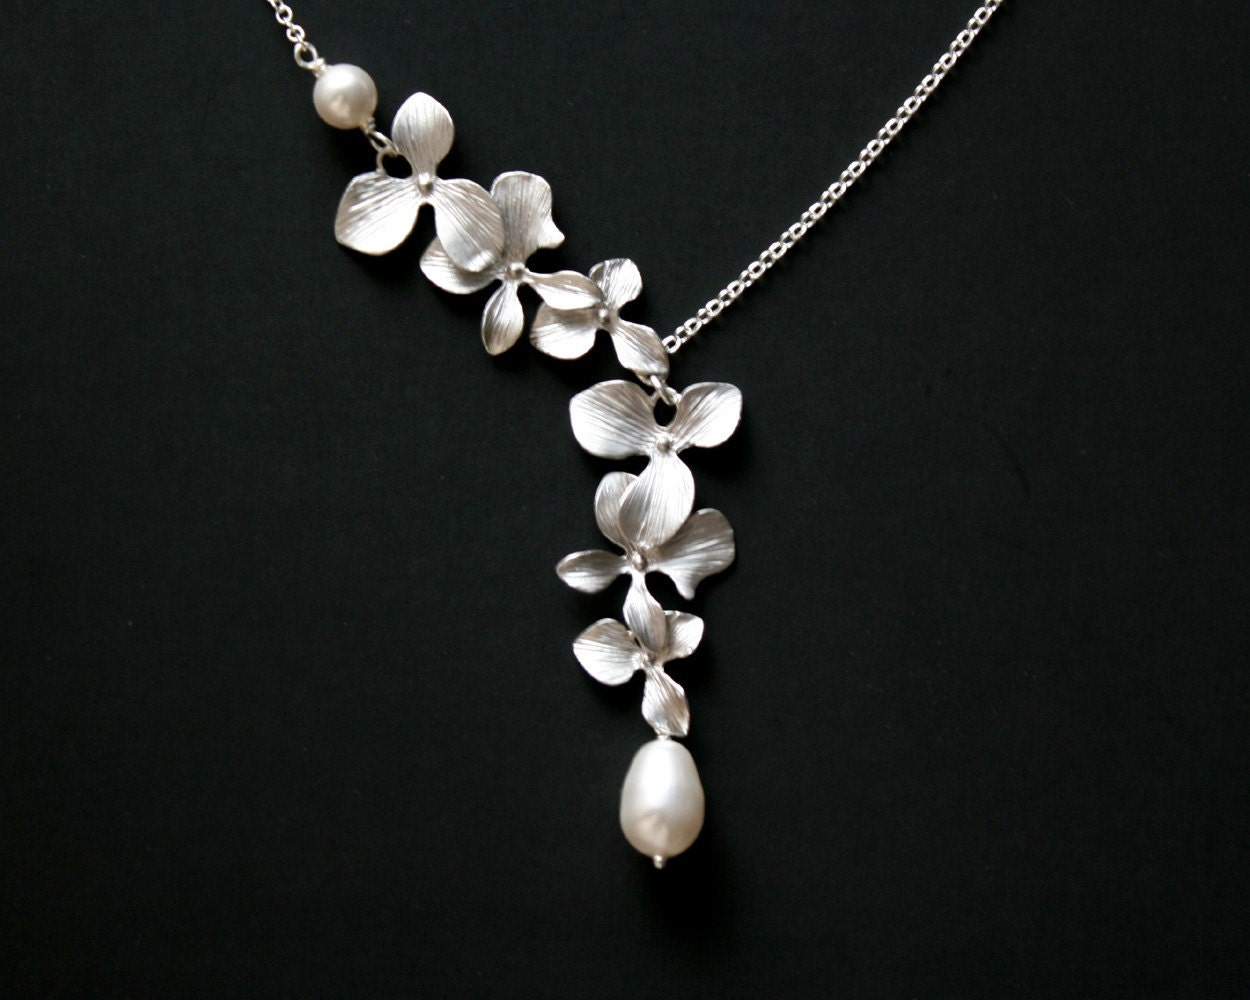 Wedding accessories pearls flowers pearls -  Zoom